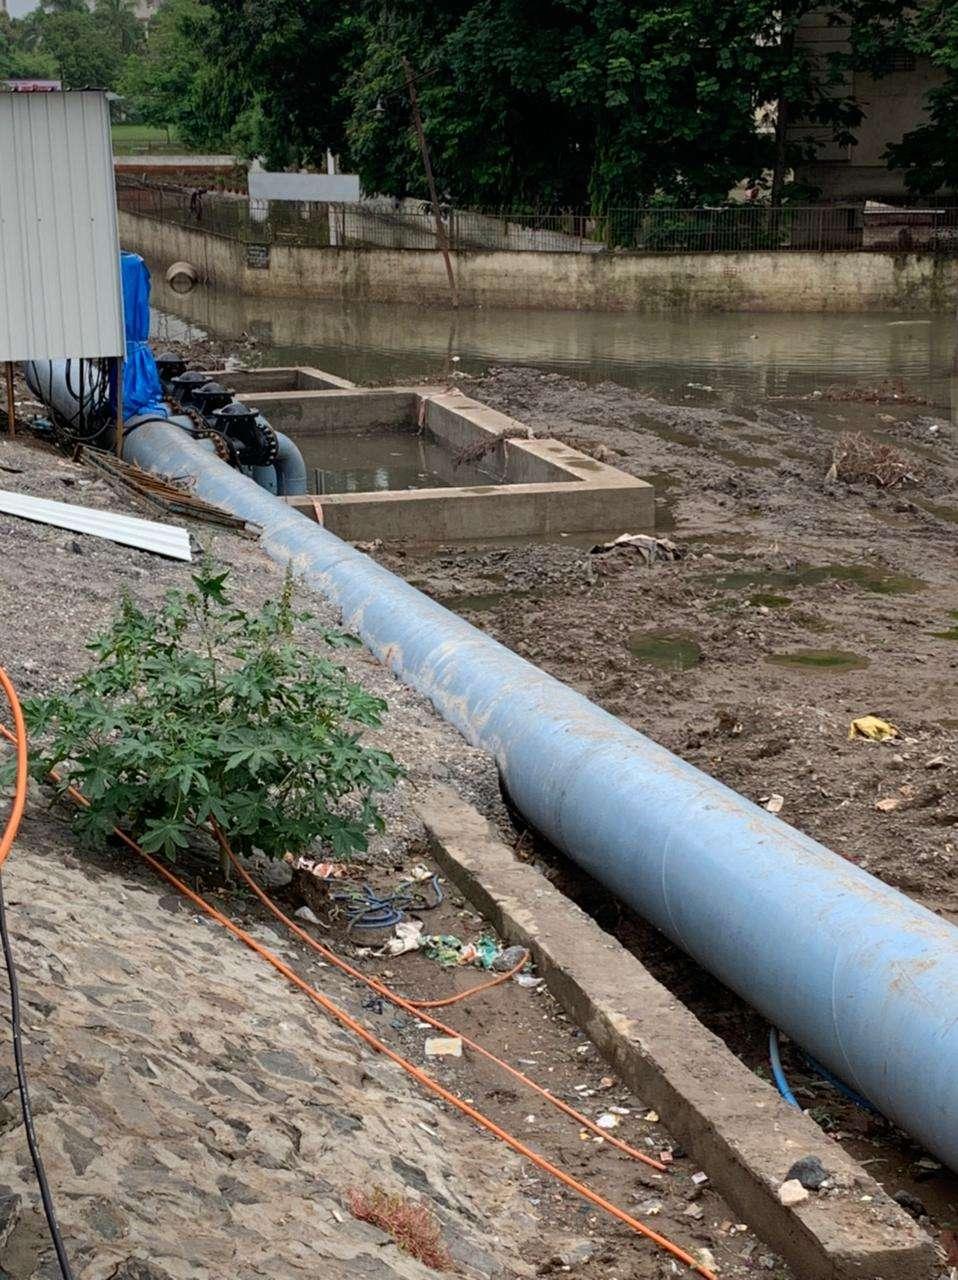 SURAT MAHANAGARPALIKA: परवत पाटिया क्षेत्र में जारी हरसंभव प्रयास